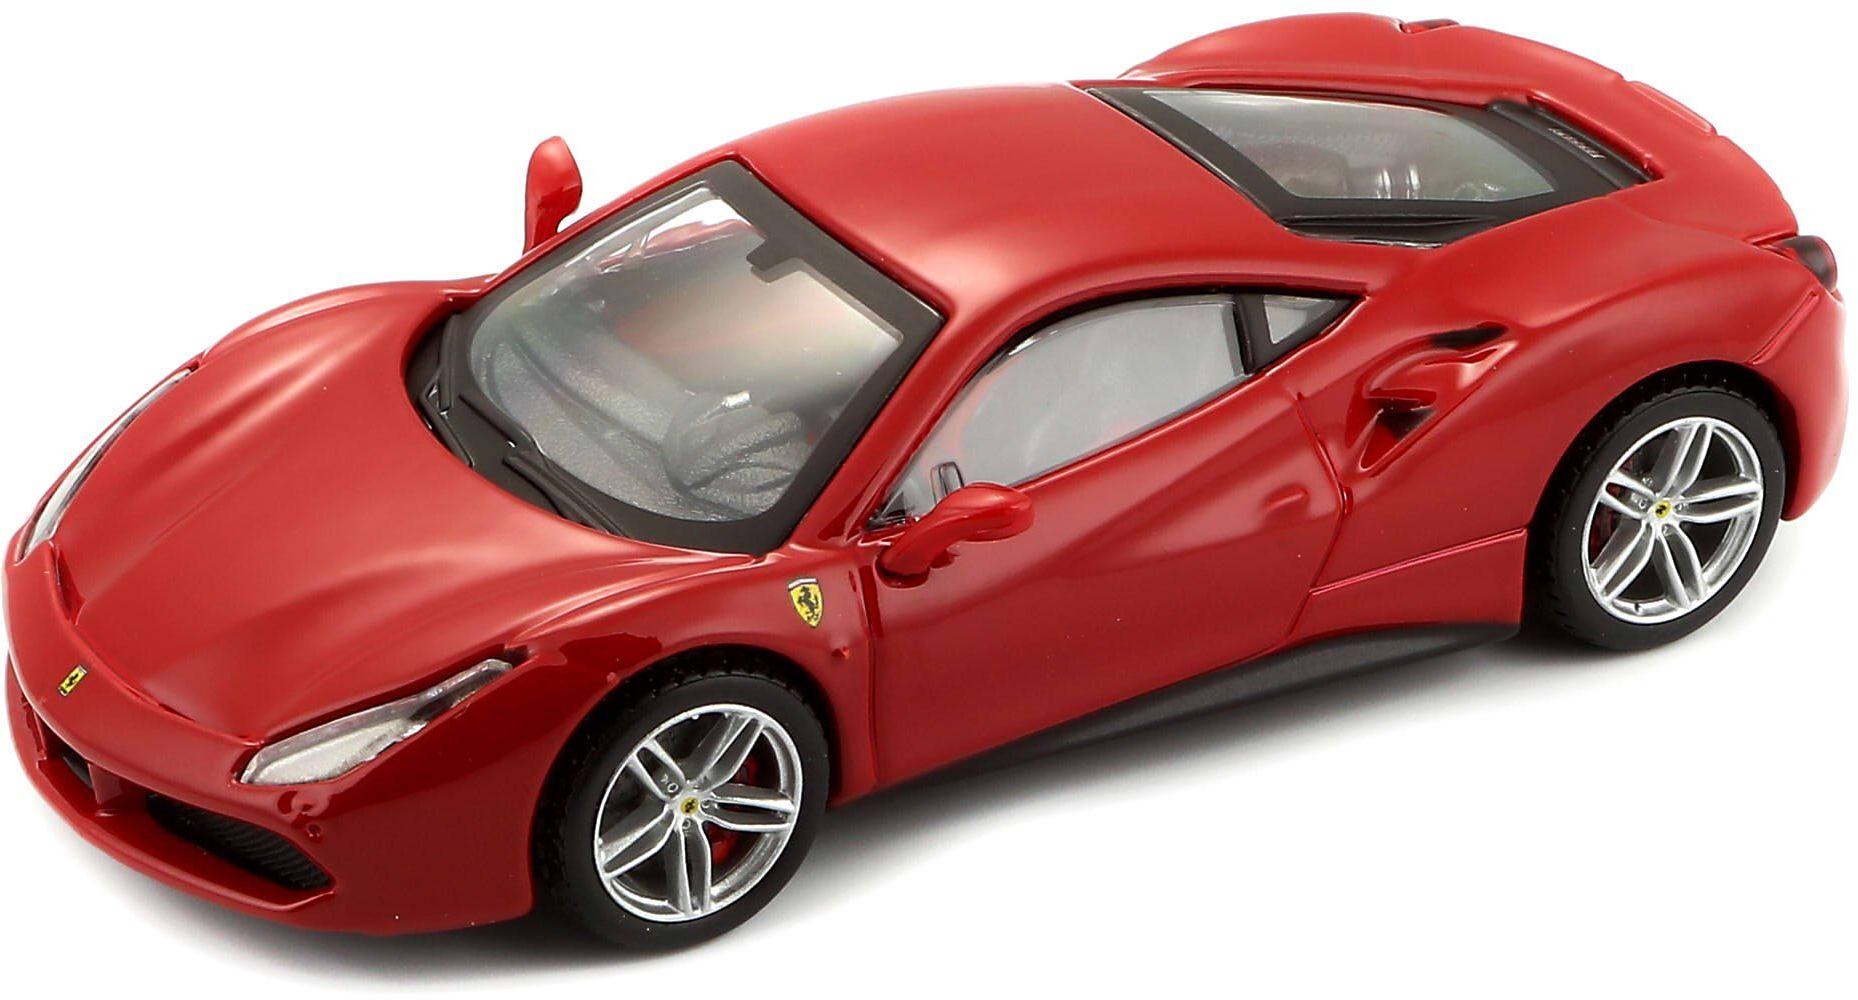 Bburago B18-36904 Ferrari 488 GTB zestaw modelowy odlewany ciśnieniowo, mieszana, skala 1:43